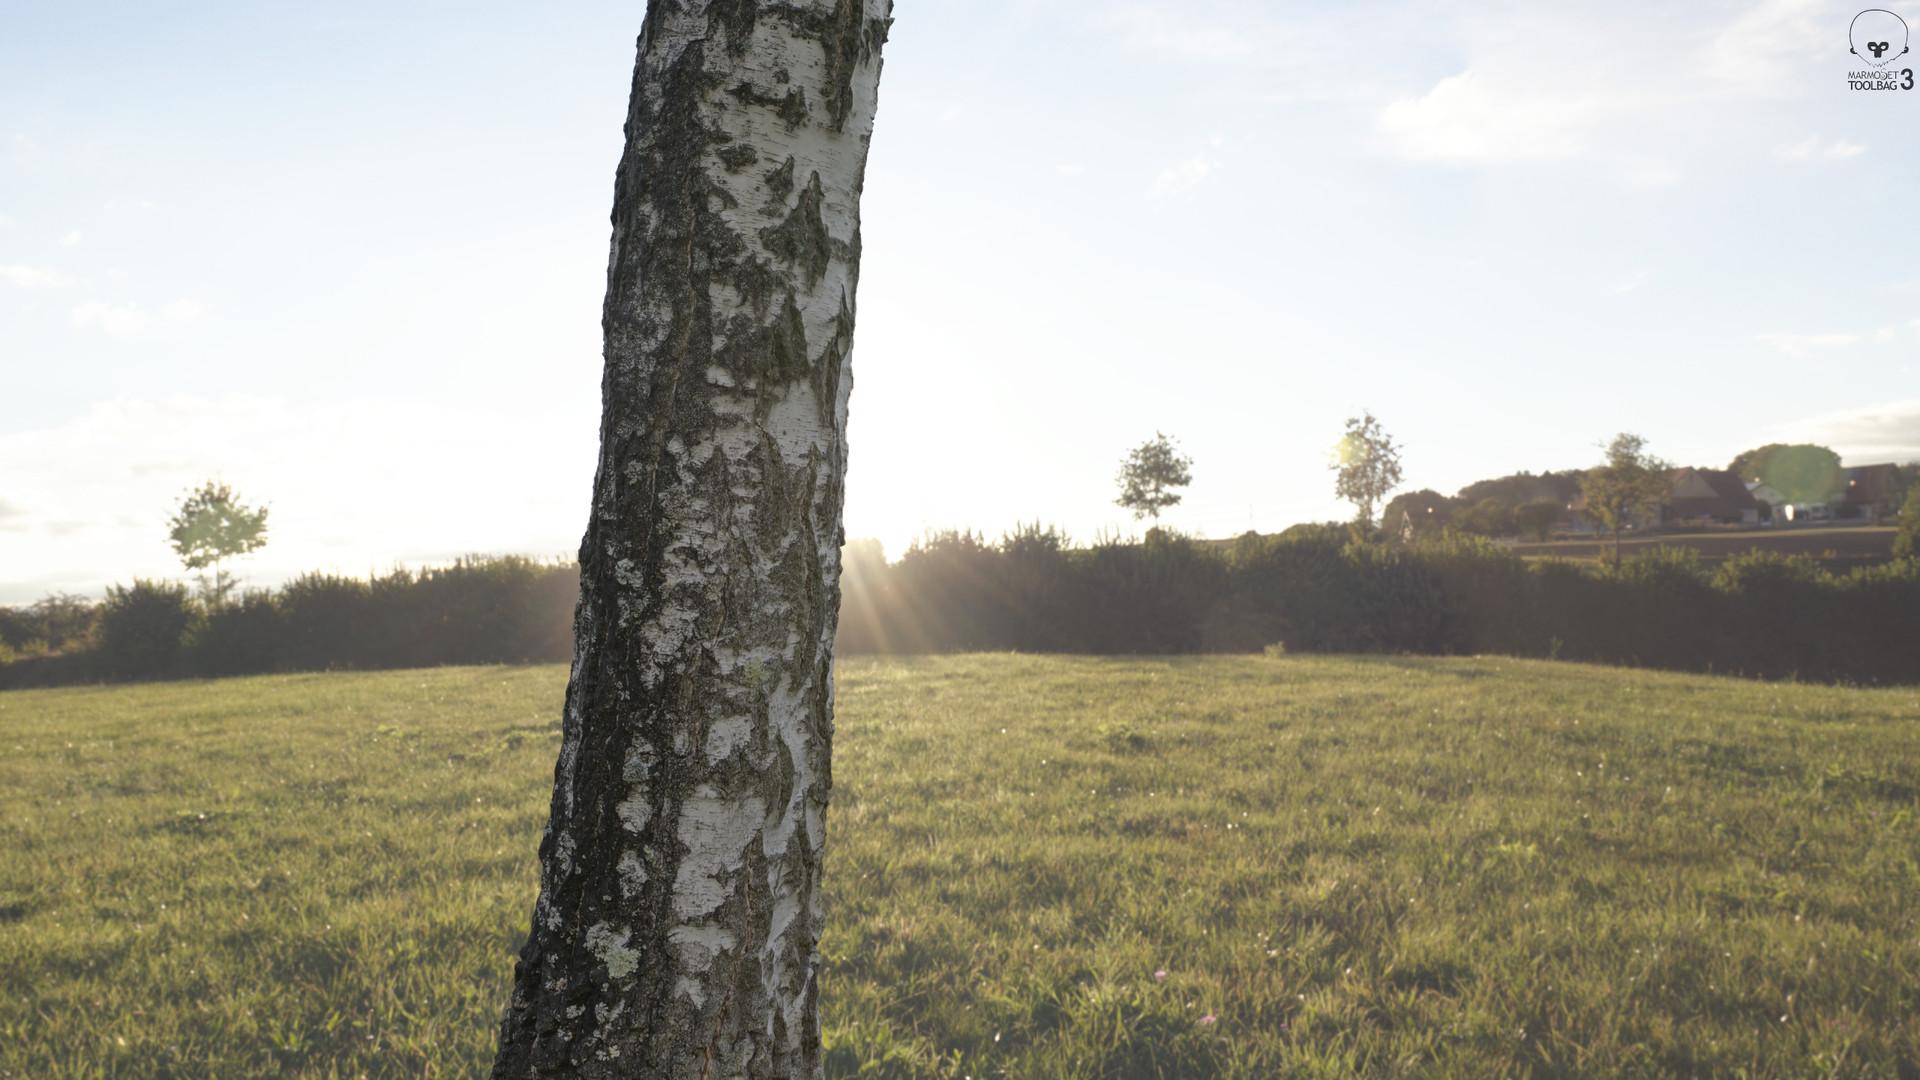 Karsten sperling fake tree1